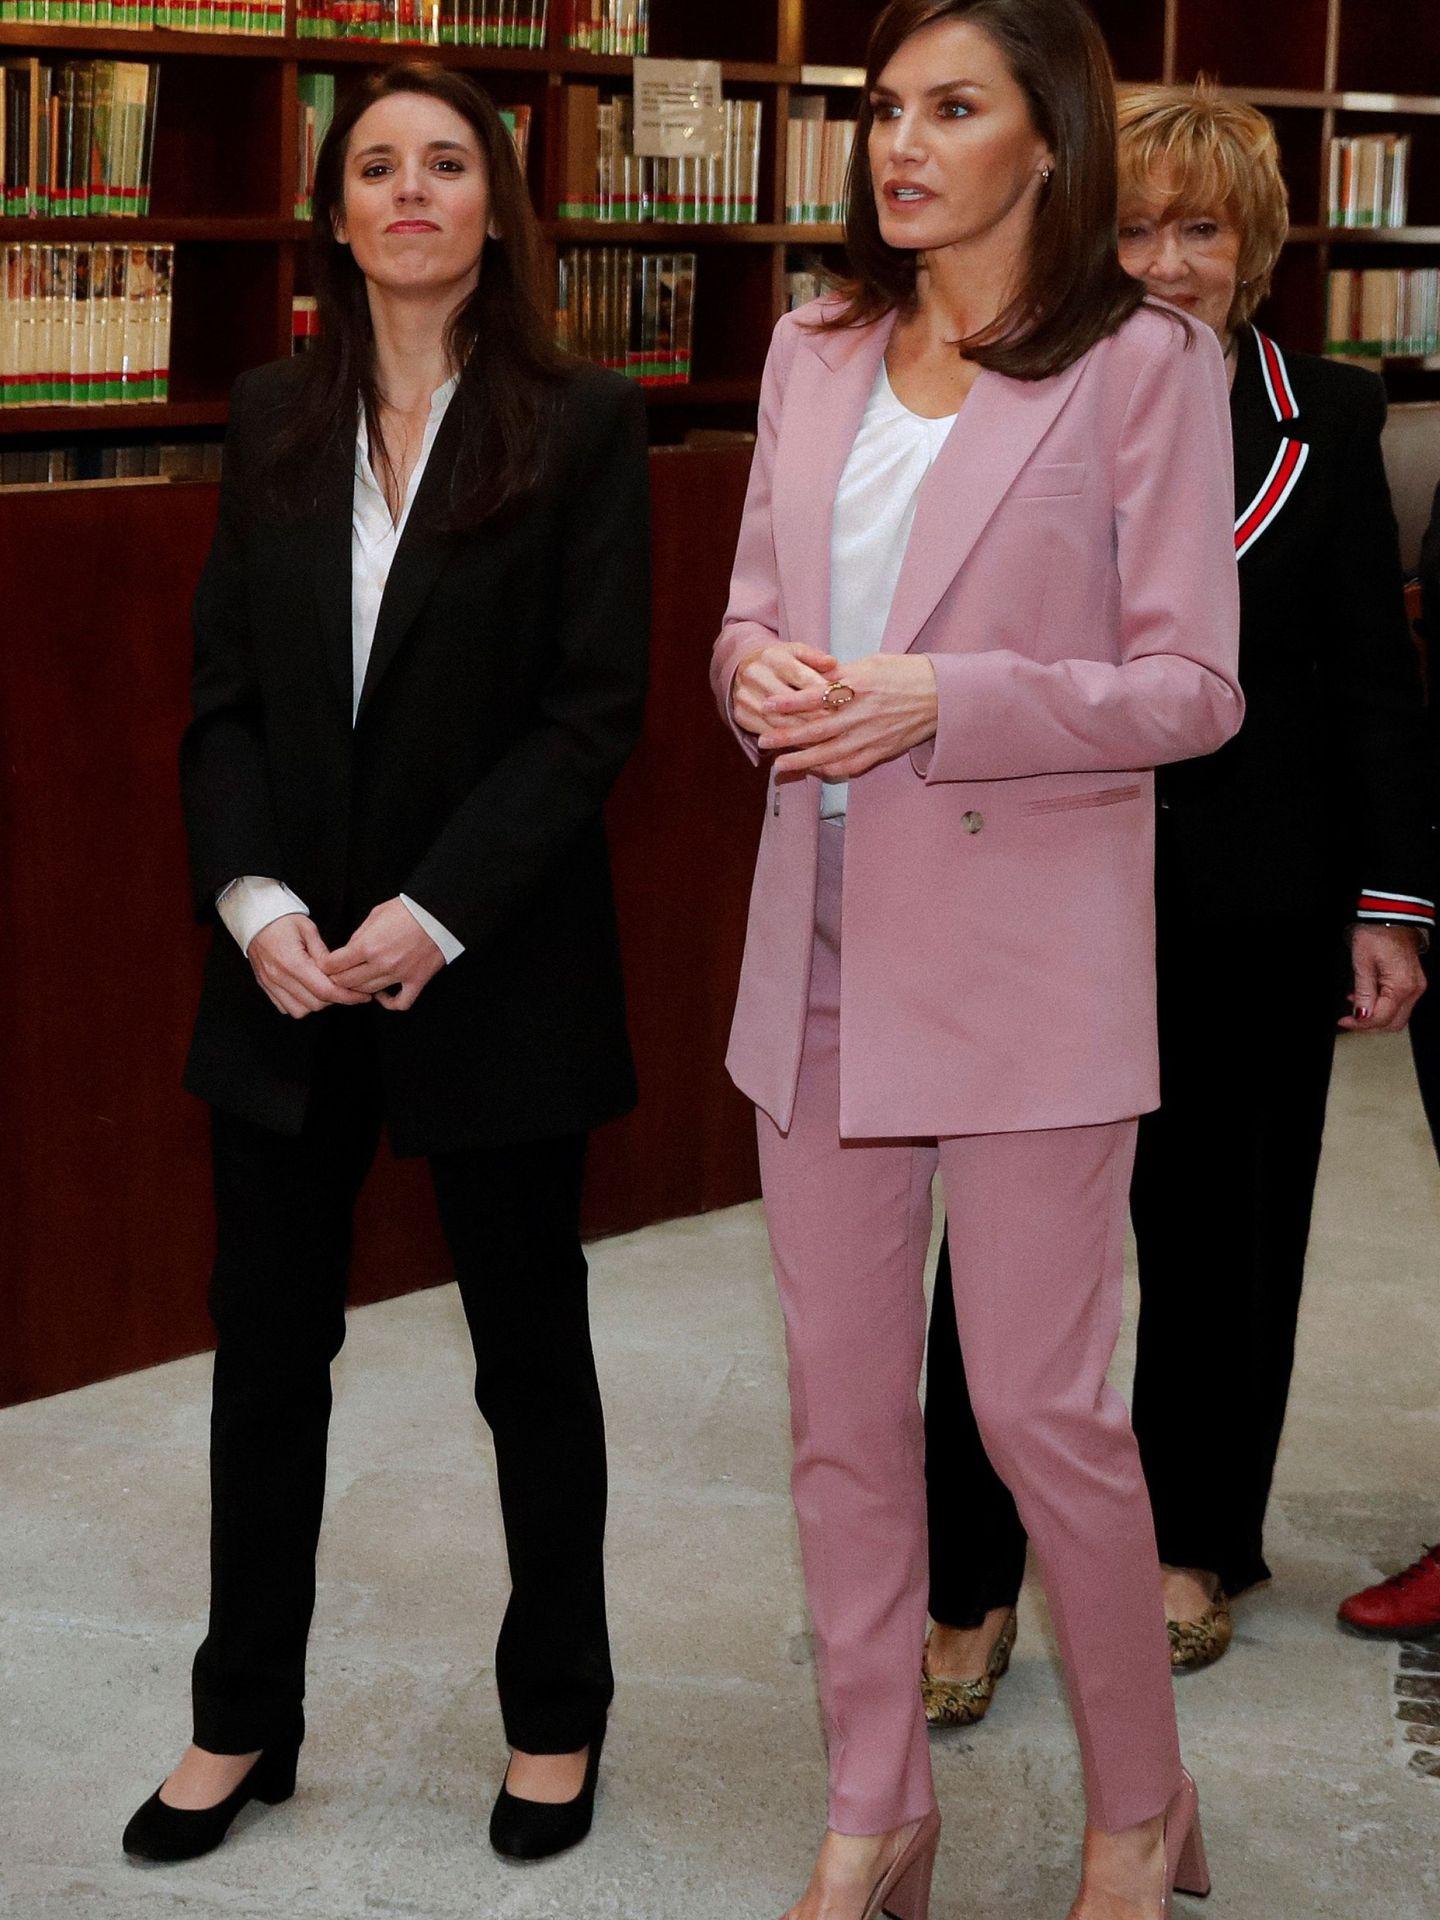 La reina Letizia, durante su encuentro con la ministra Irene Montero, que daba positivo unos días después. (EFE)